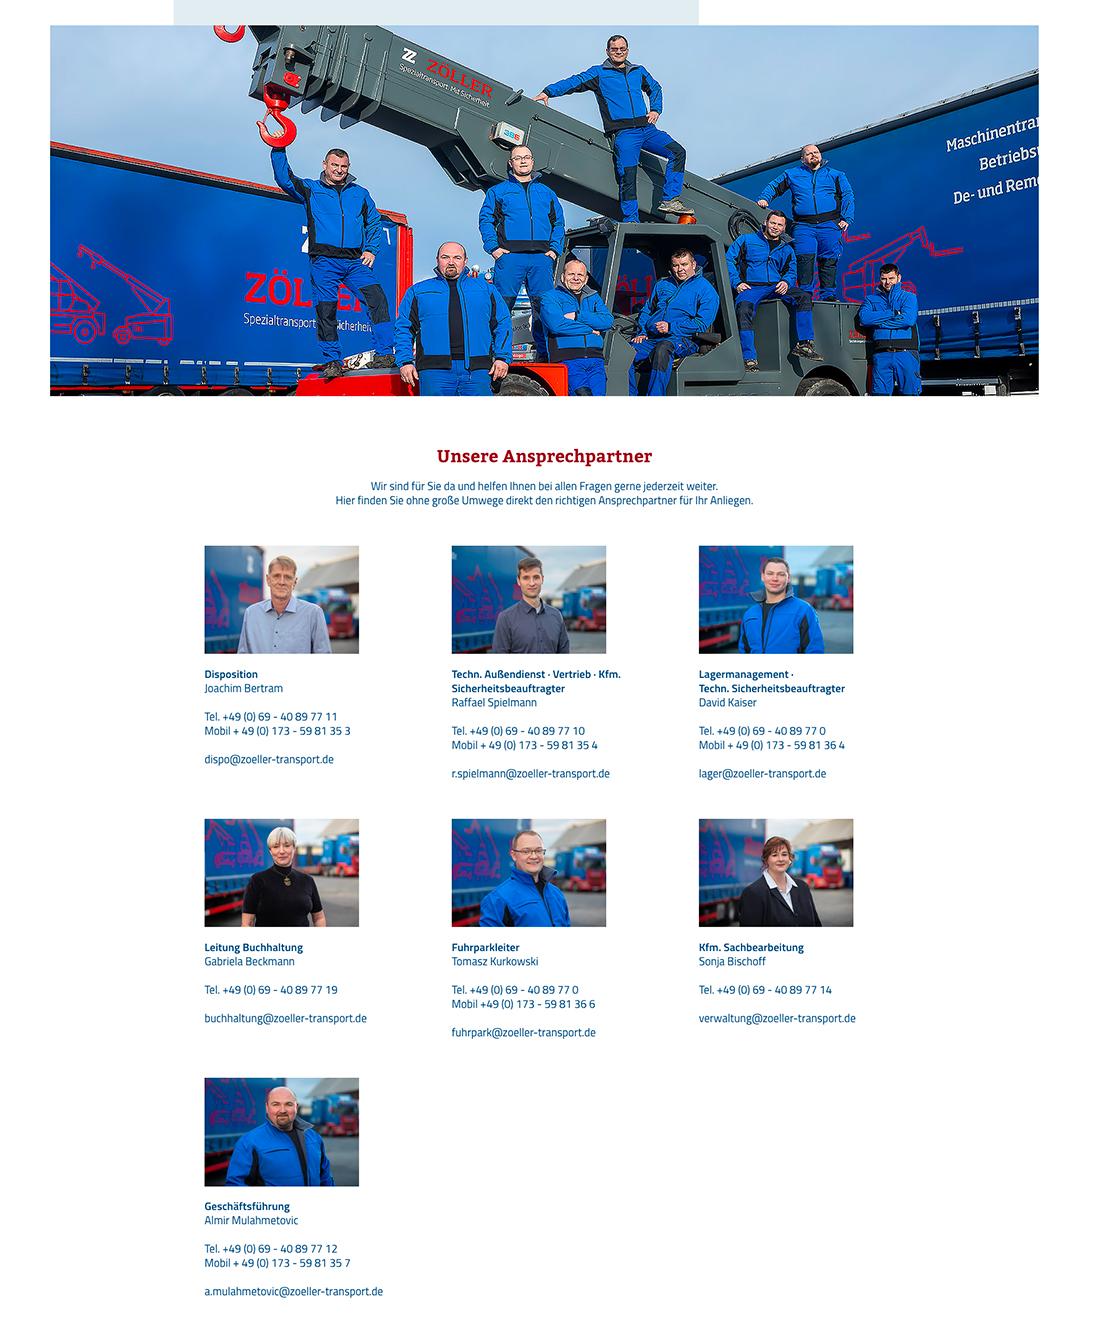 Die ANsprechpartner von Zöller Transporte GmbH aus Frankfurt am Main, Mitarbeiterportraits von Matthias Buamgartner